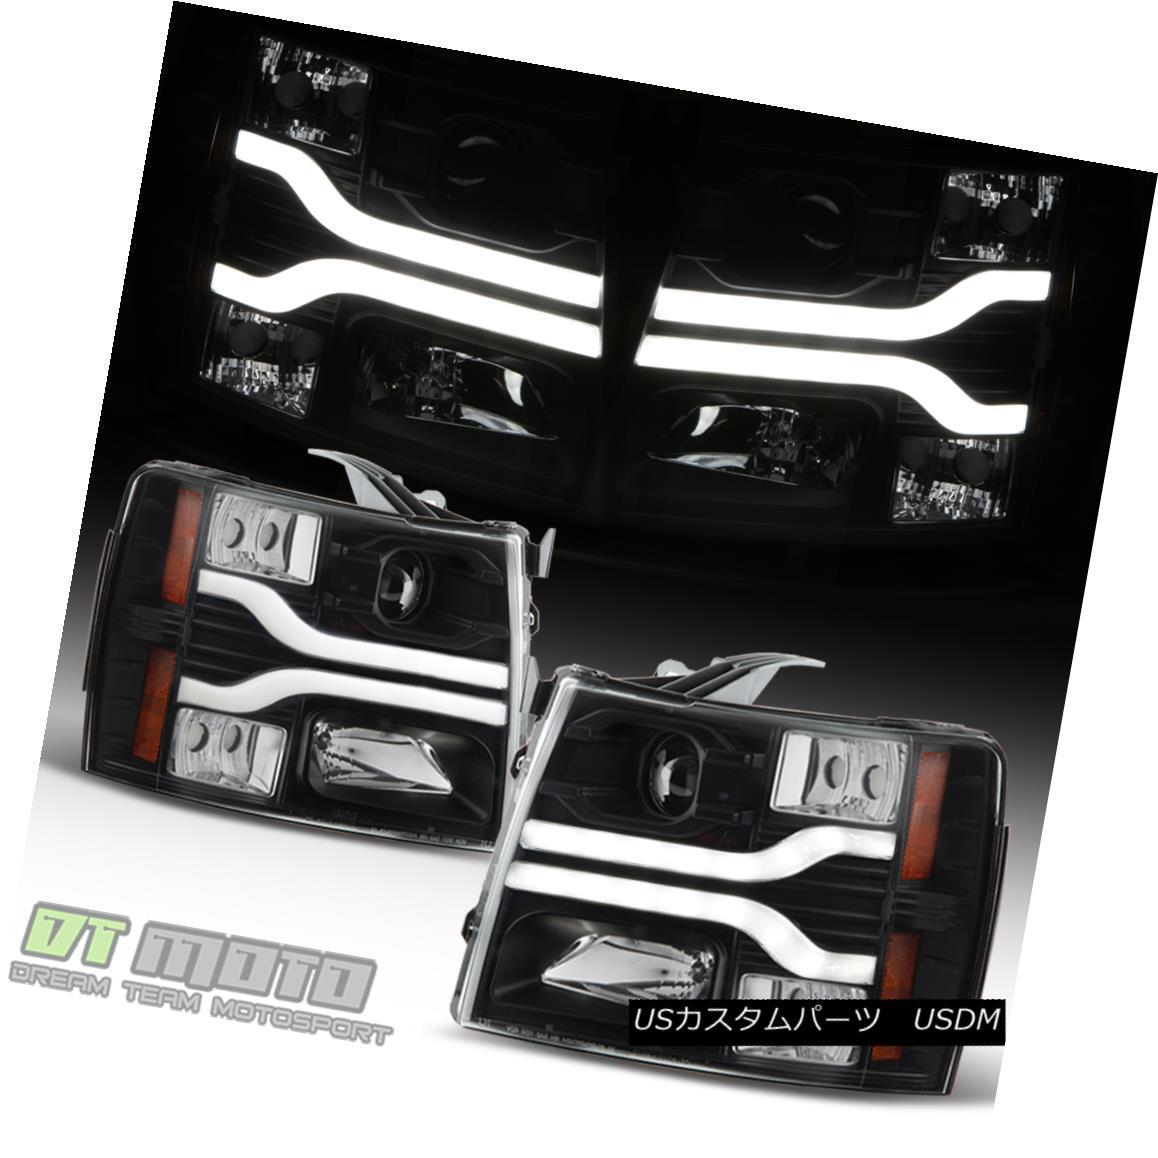 ヘッドライト Black 2007-2013 Chevy Silverado 1500 LED DRL Tube Projector Headlights Headlamps ブラック2007-2013シボレーシルバラード1500 LED DRLチューブプロジェクターヘッドライトヘッドランプ